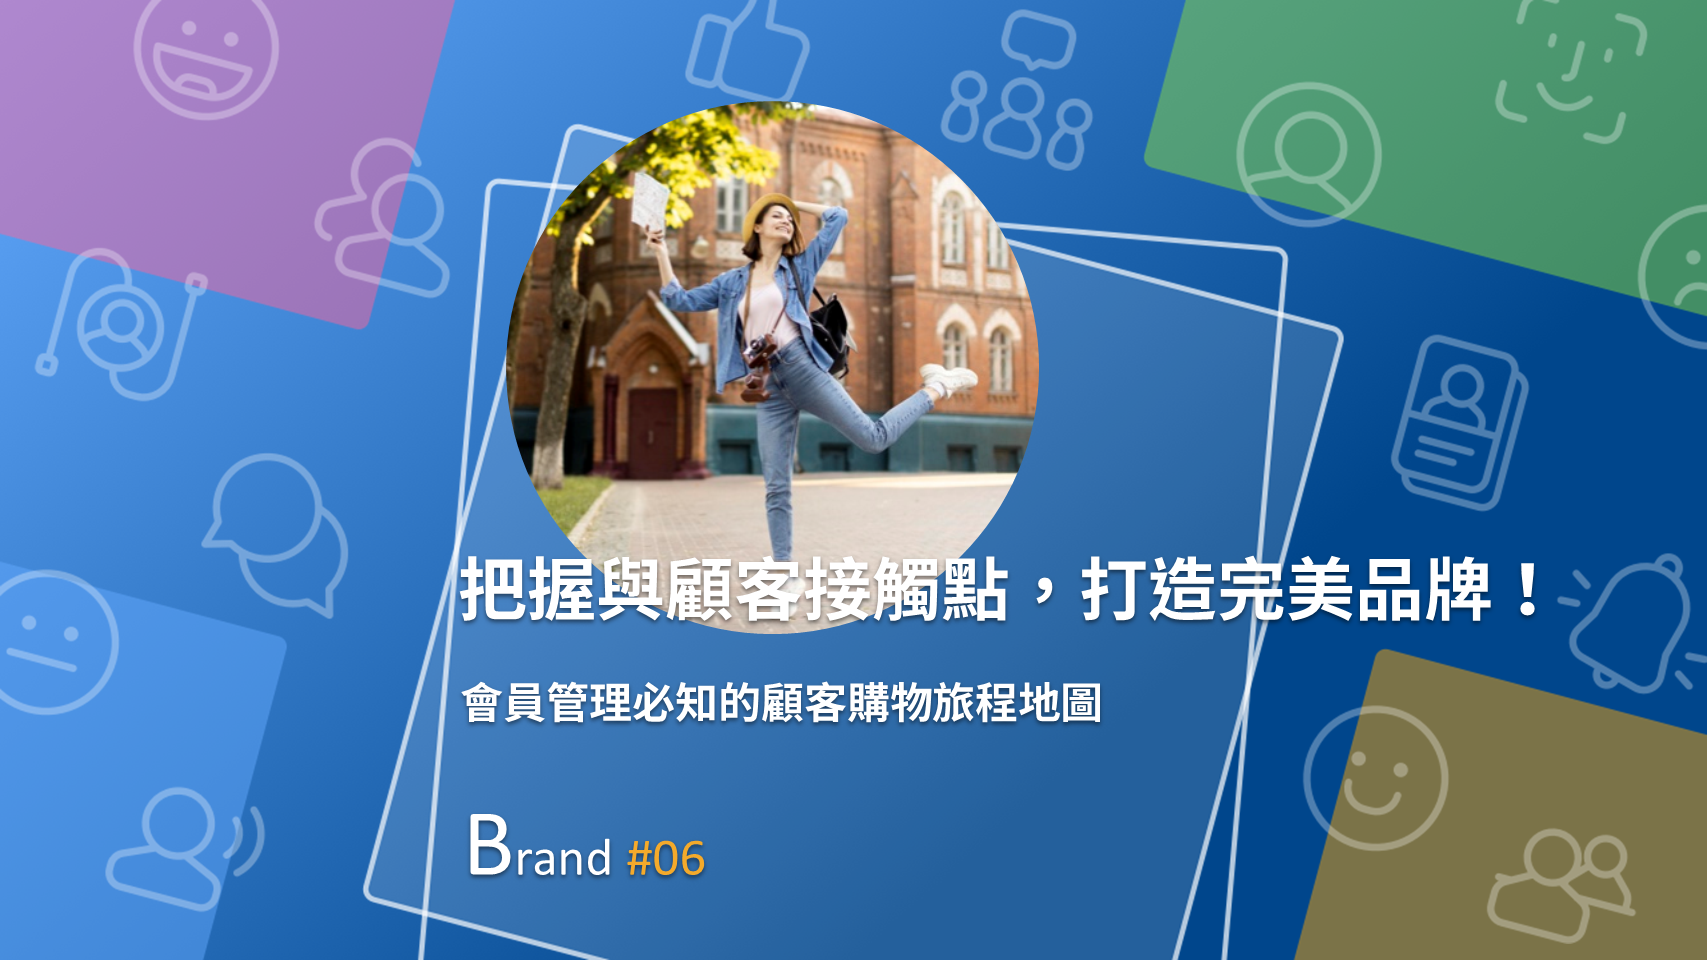 三步驟描繪品牌的顧客旅程地圖,檢驗品牌策略布局